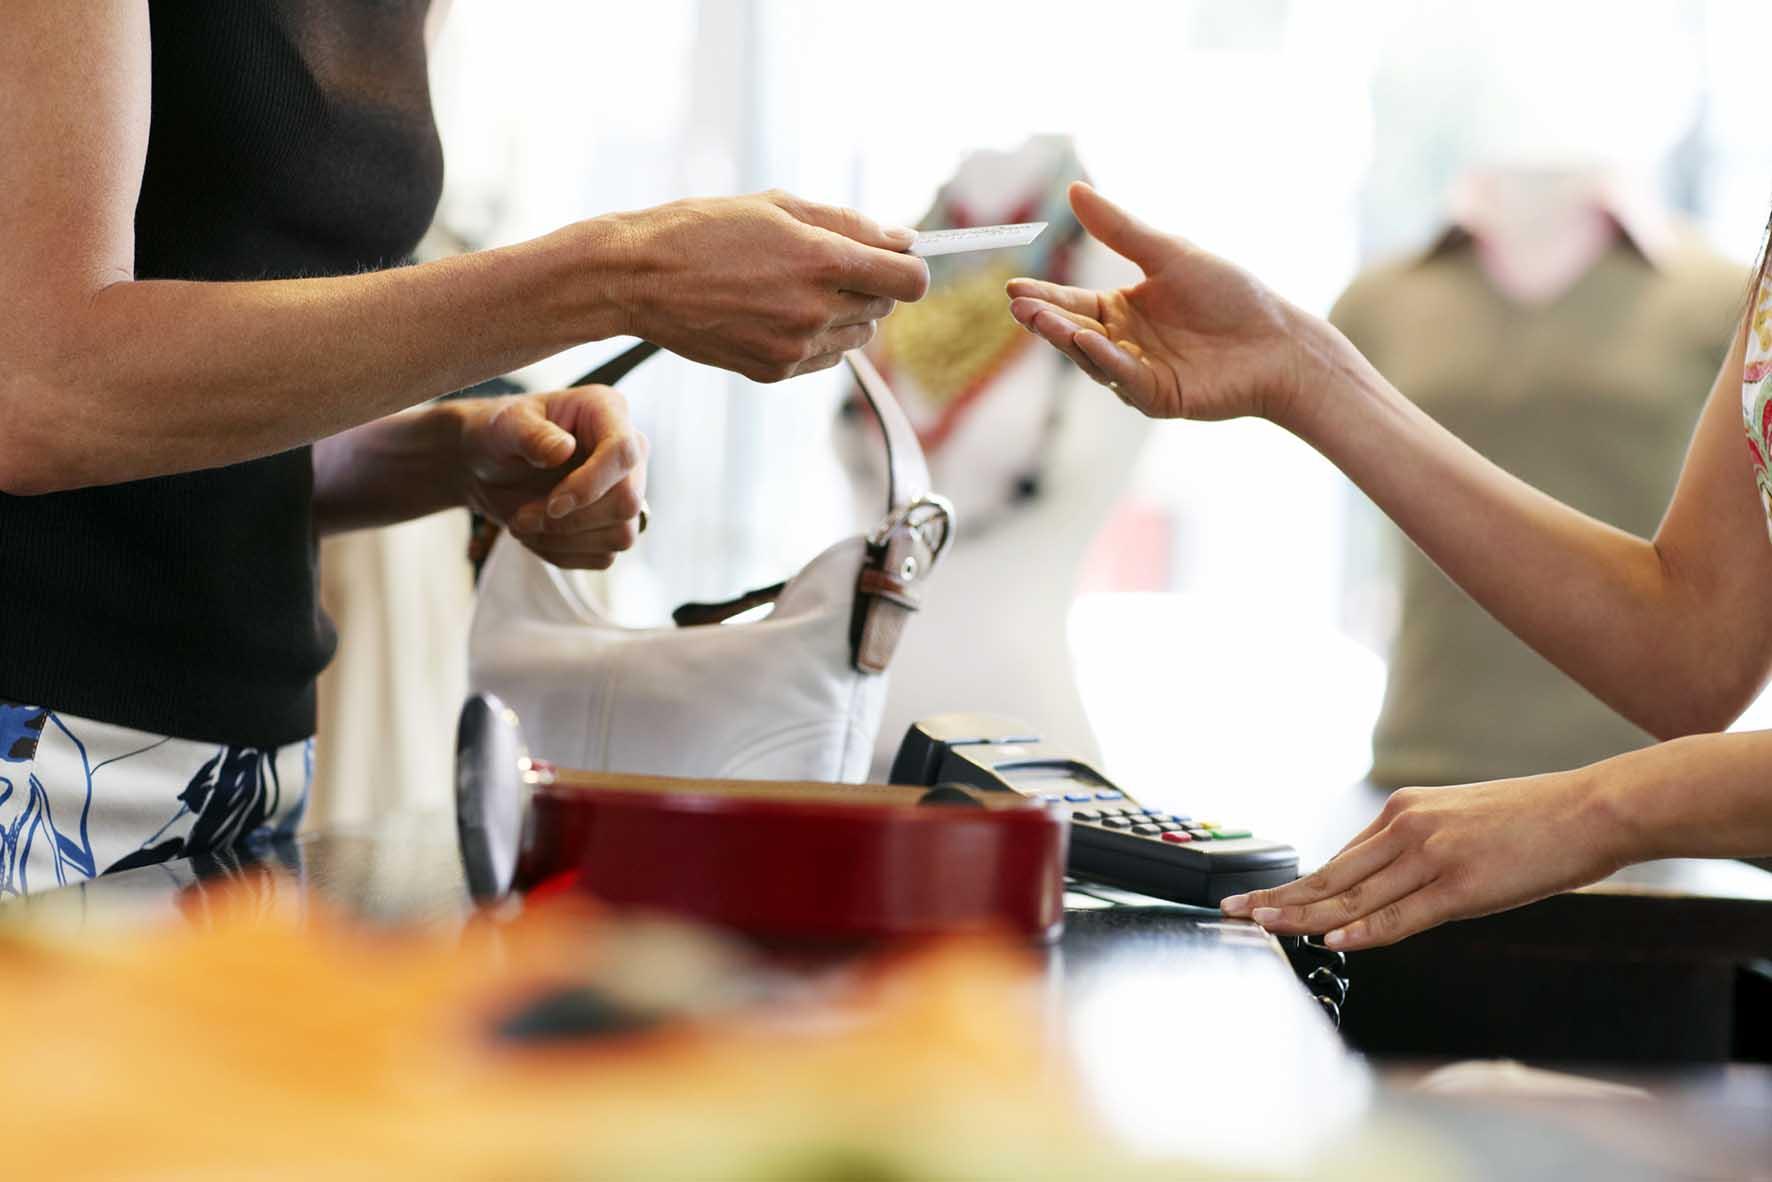 ristorno consumi e ristorazione a picco consumi consumatori pagamento elettronico